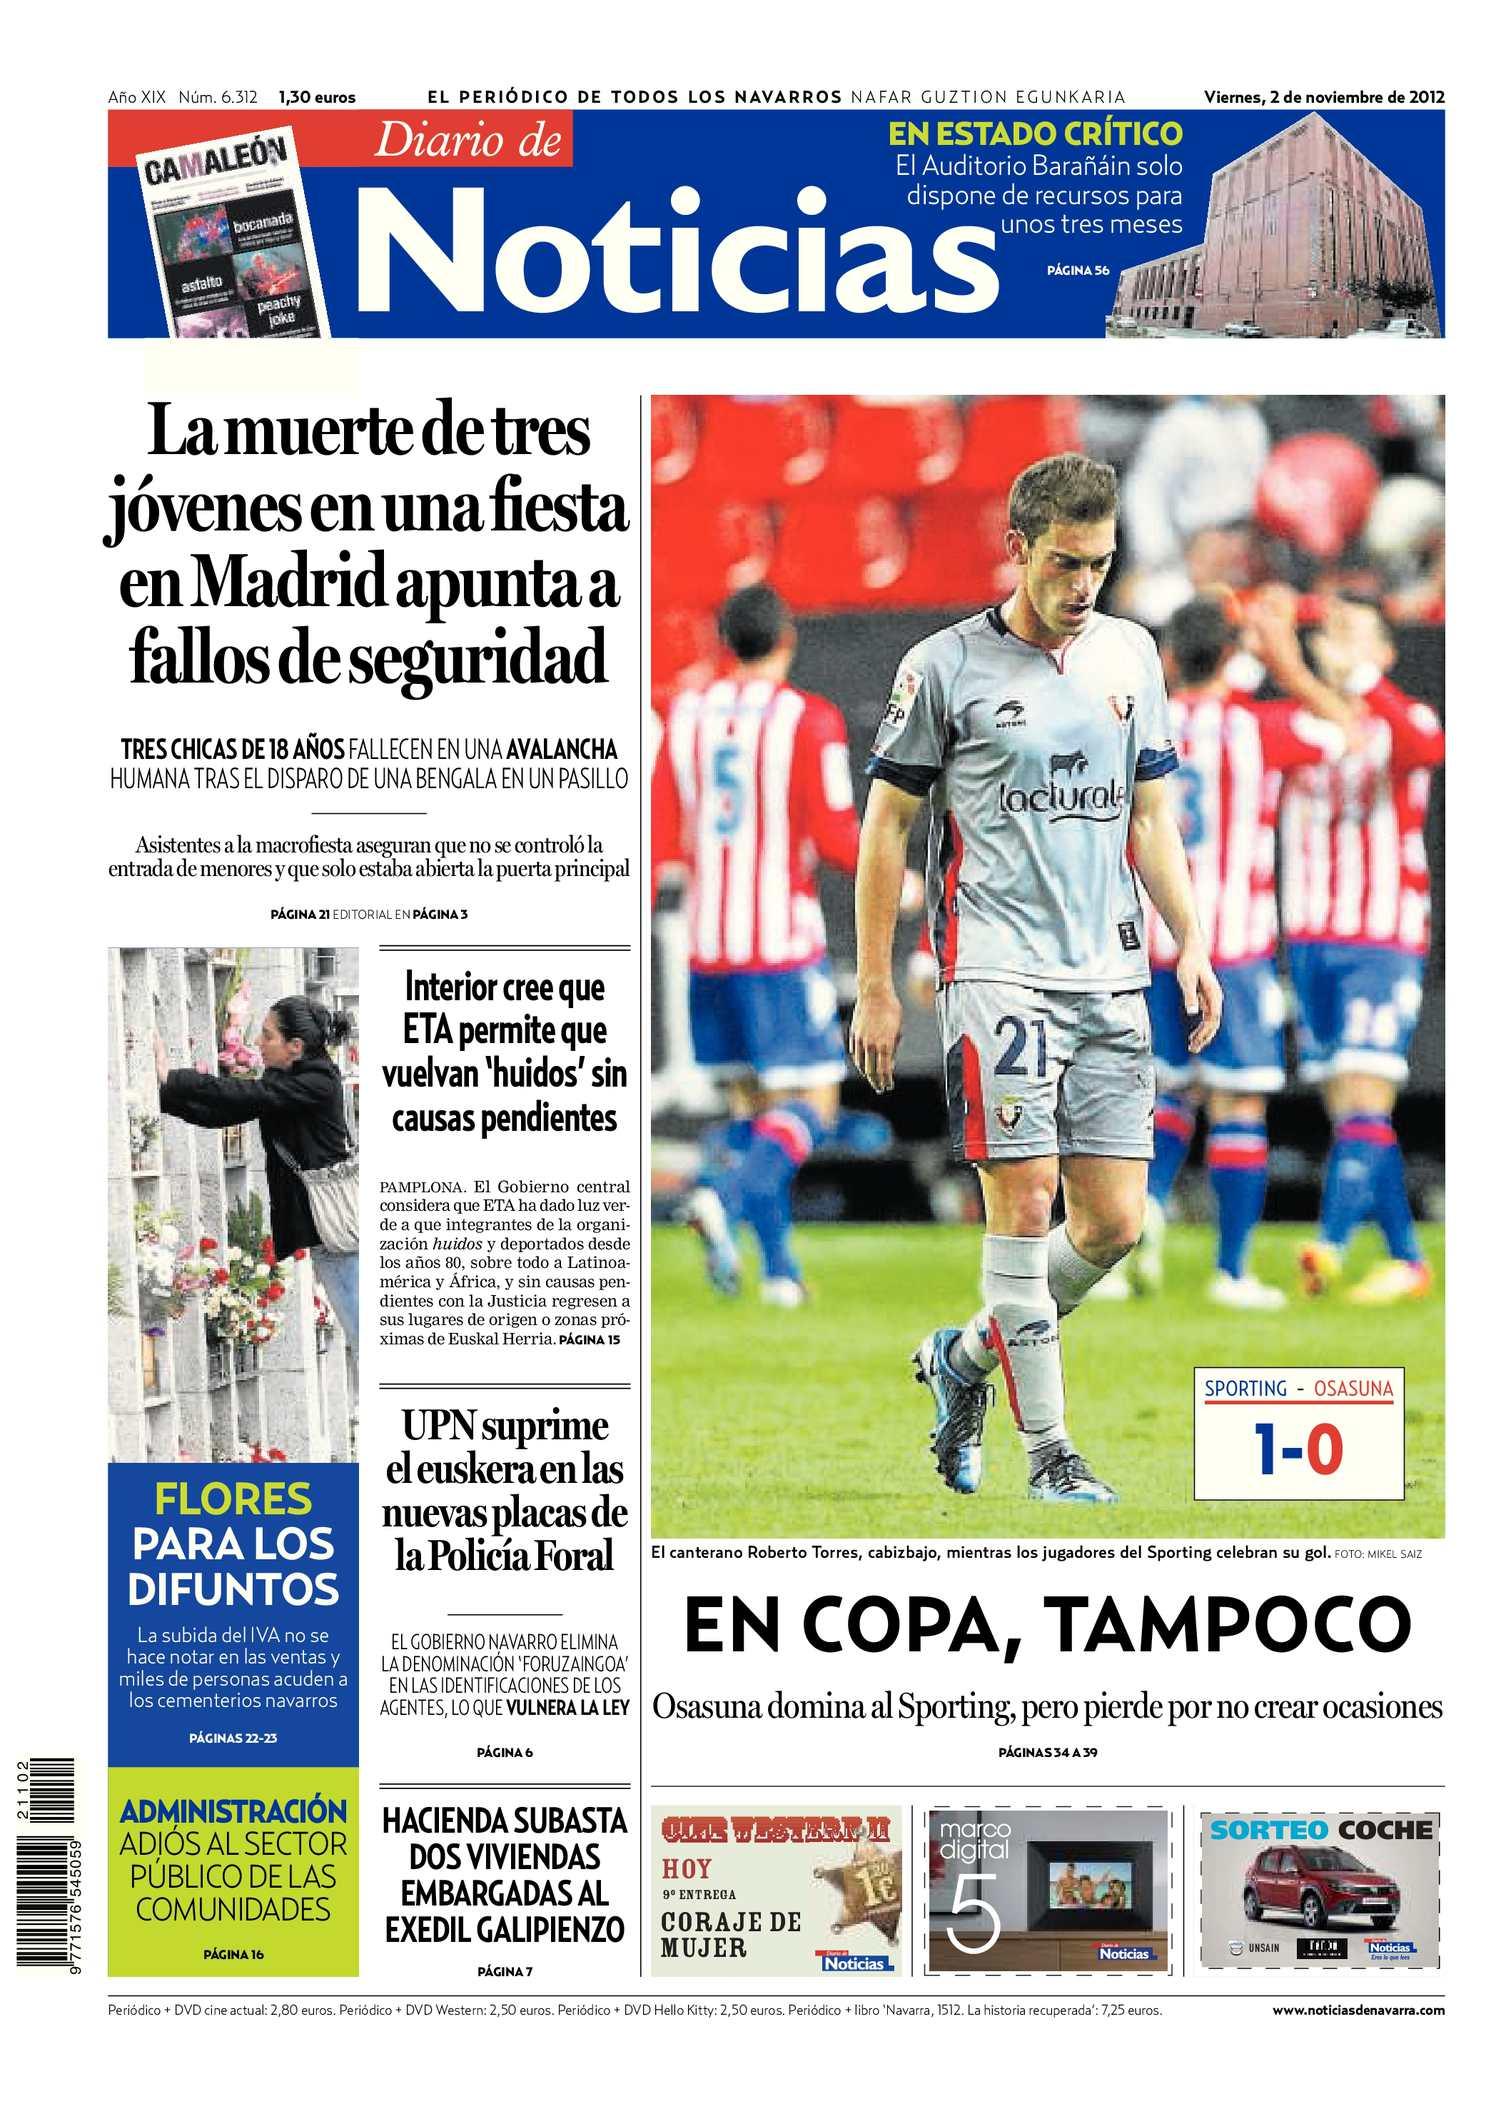 Calaméo - Diario de Noticias 20121102 0e805b6095bc3